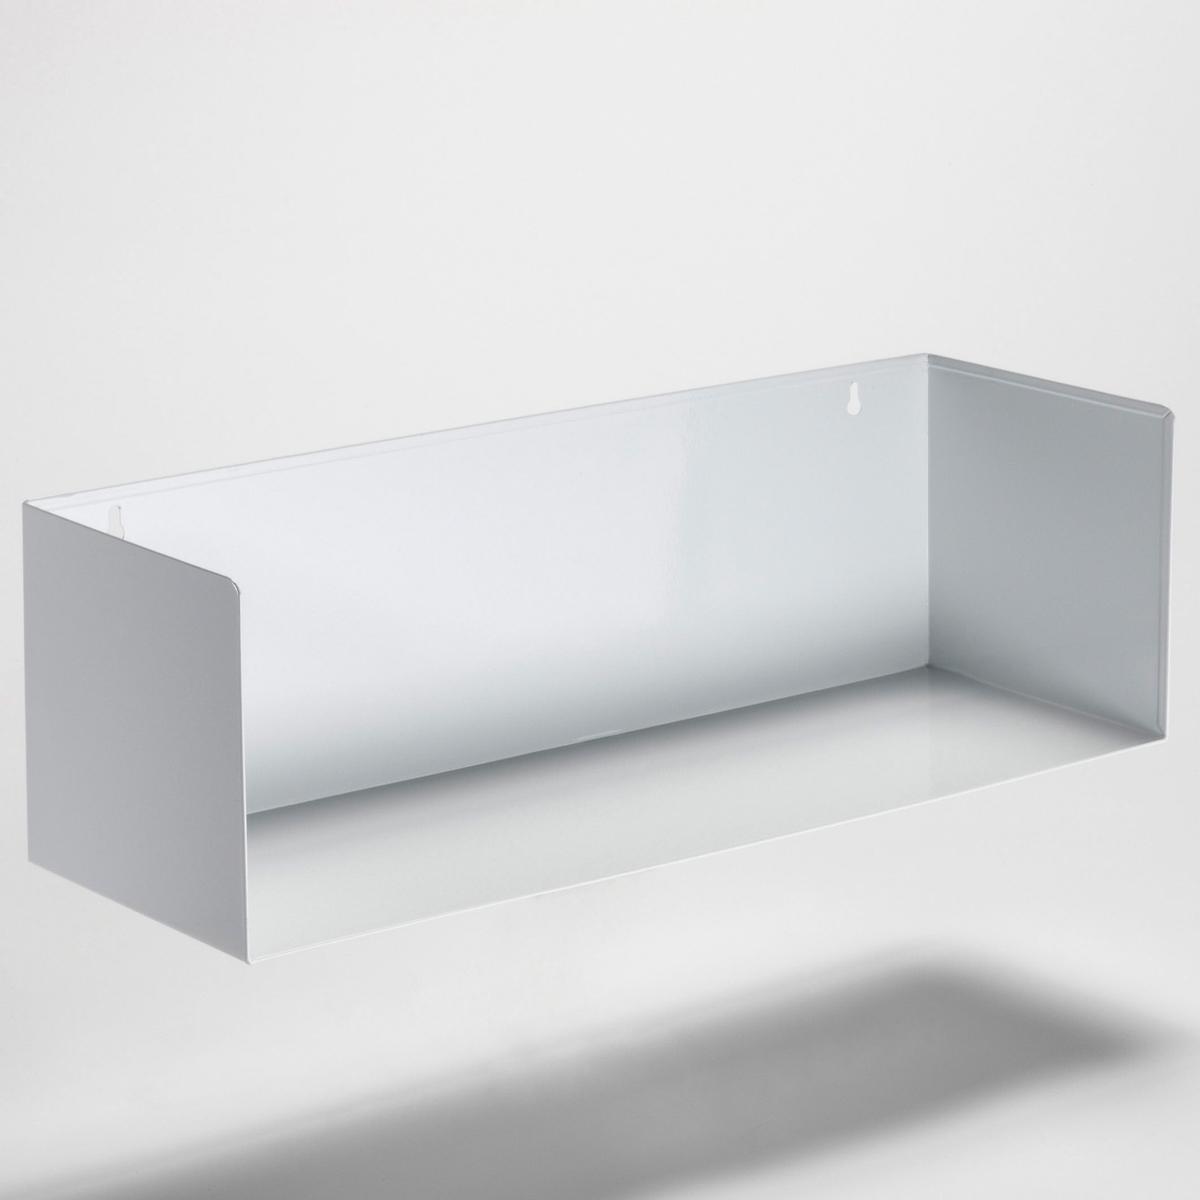 Полка настенная прямоугольная  (комплект из  2) ToranaПолка прямоугольная, комплект из  2 : невероятно практична-в спальне, прихожей, гостиной....Гальванизированный металл- необработанный или с эпоксидным покрытием .Размеры. : 58 x 18 x 18 см . Выдерживает вес до  7 кг .<br><br>Цвет: белый,серый,черный